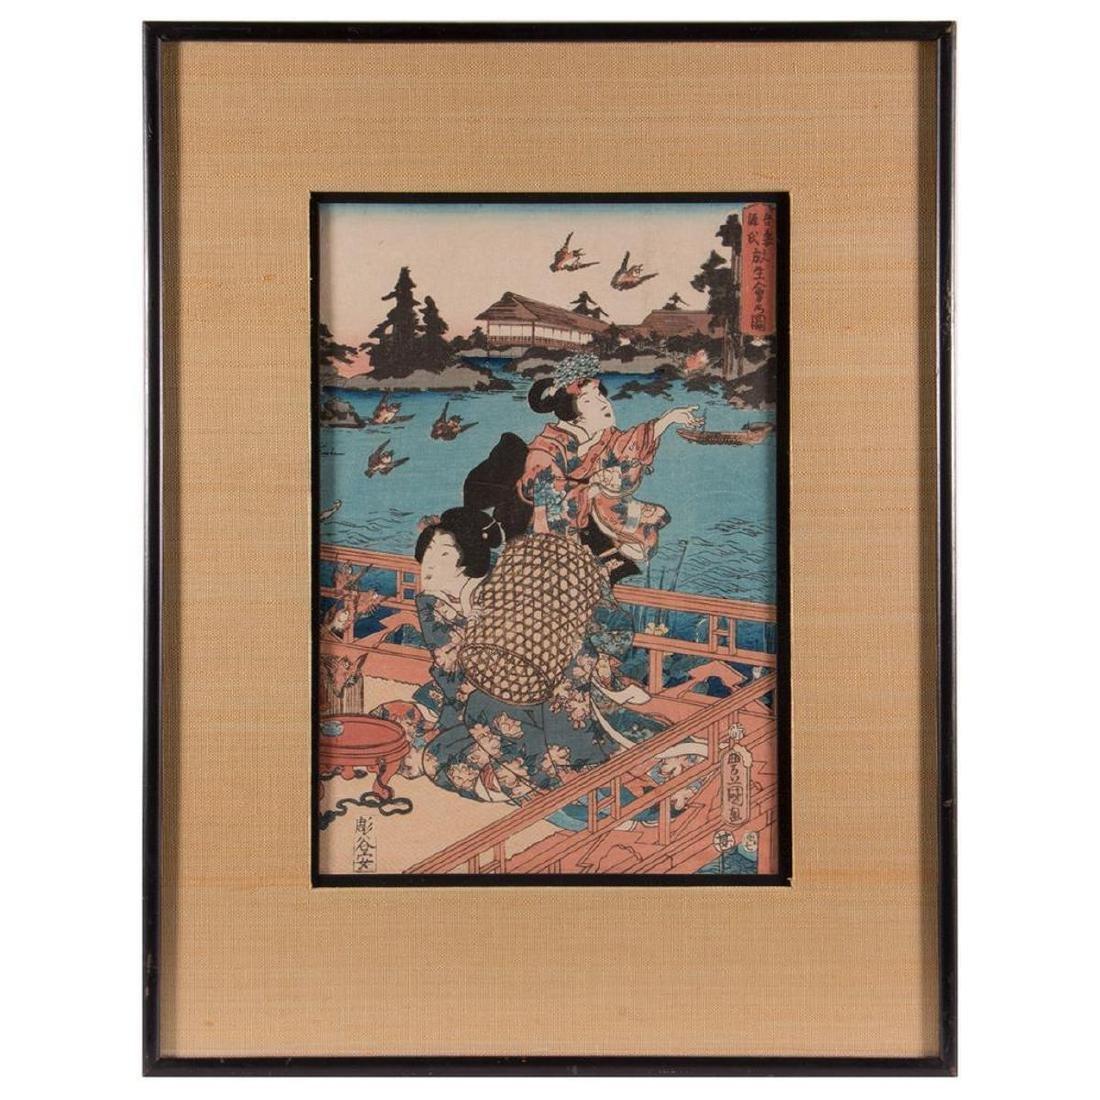 A Japanese woodblock print by Kunisada.